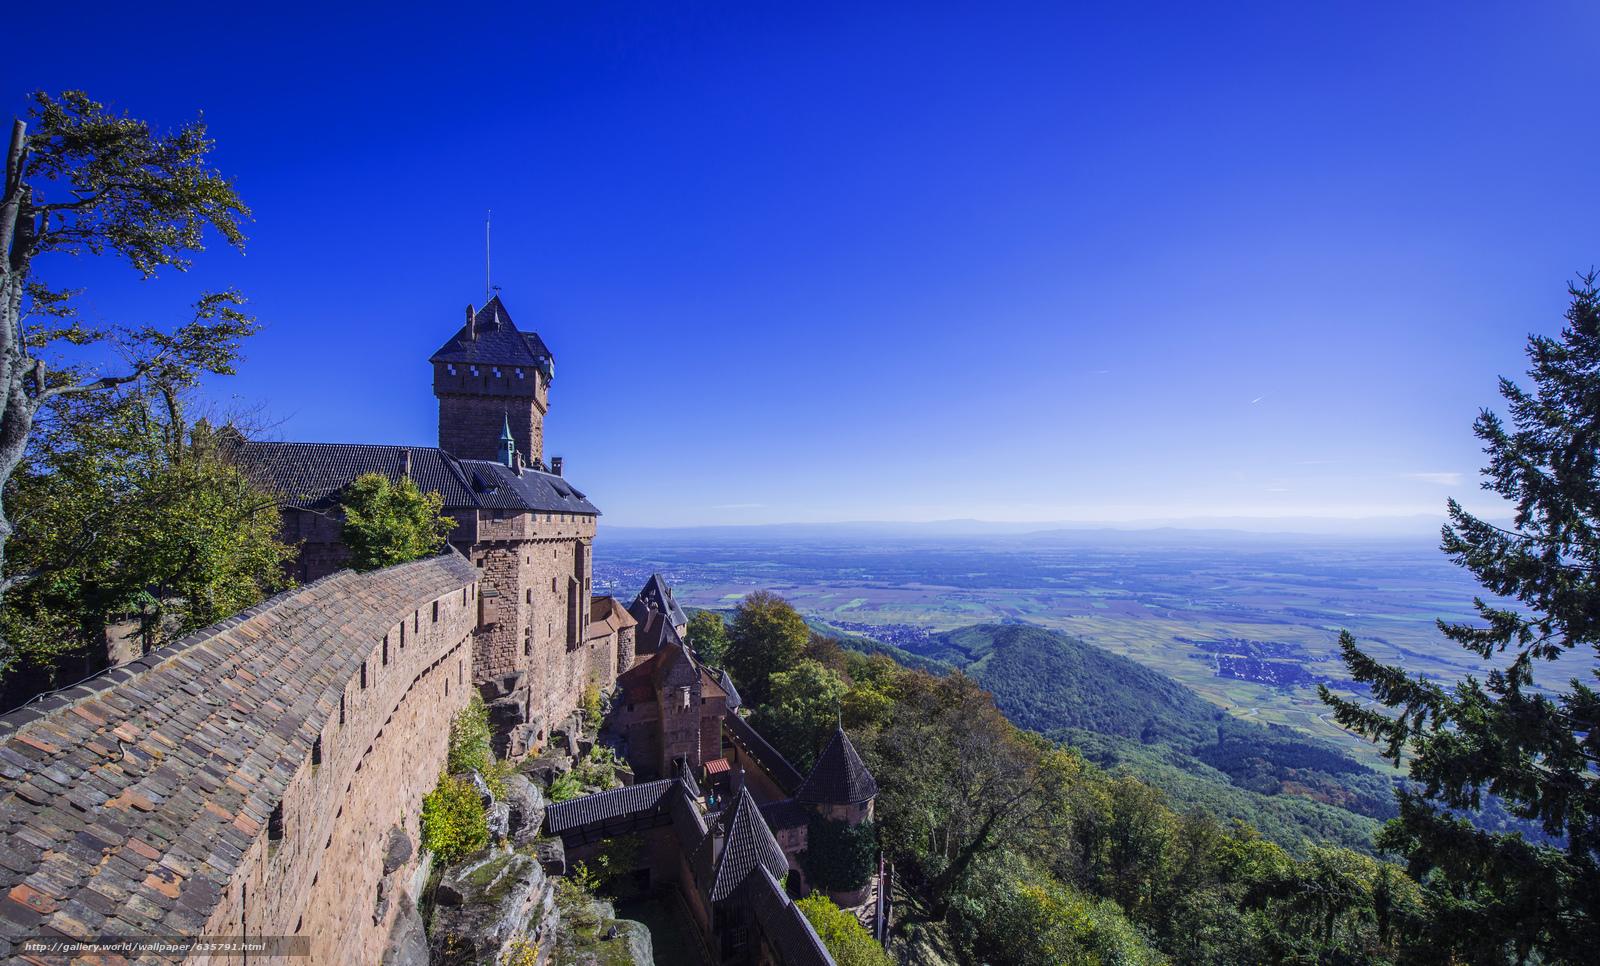 Скачать обои Оршвиллер,  Эльзас,  Франция бесплатно для рабочего стола в разрешении 5976x3608 — картинка №635791